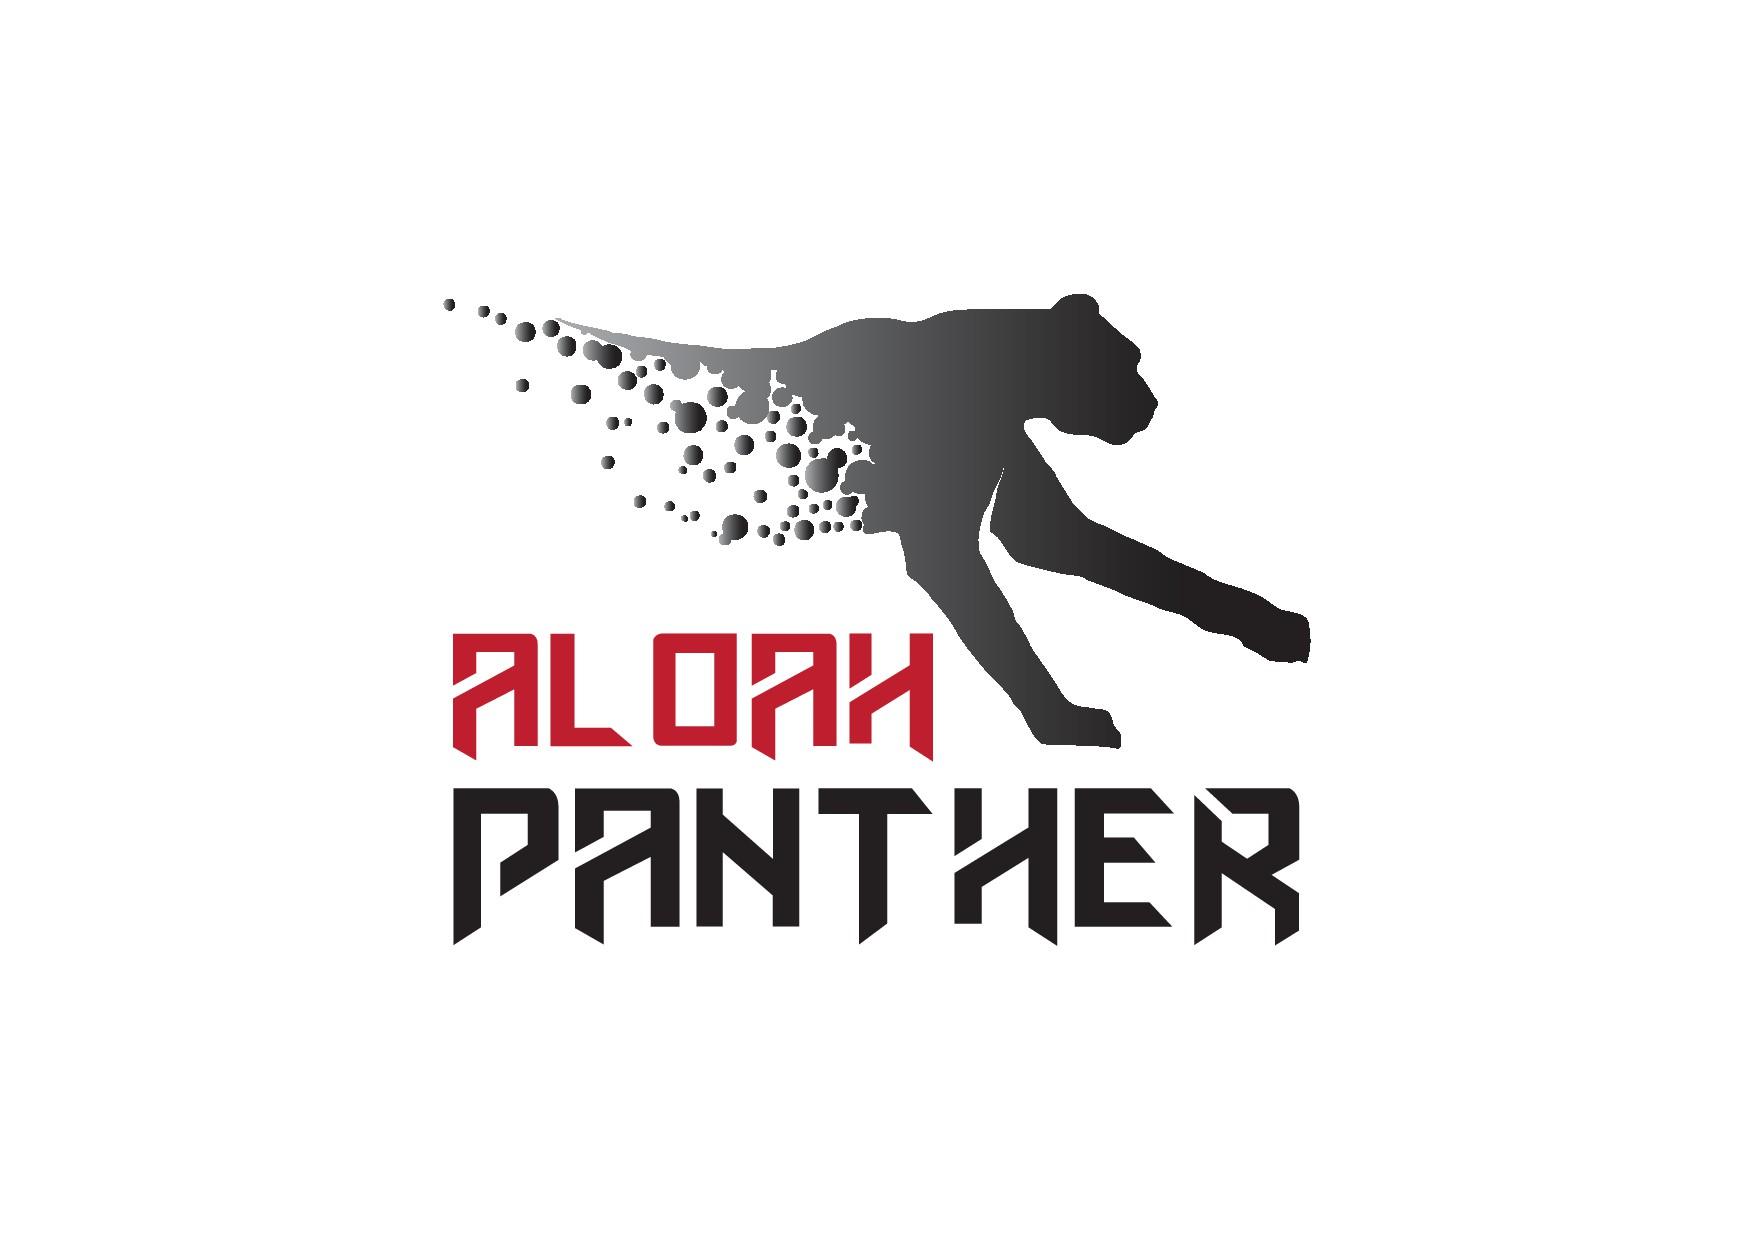 Triathlon Team braucht motivierendes, cooles Logo mit Erkennungswert